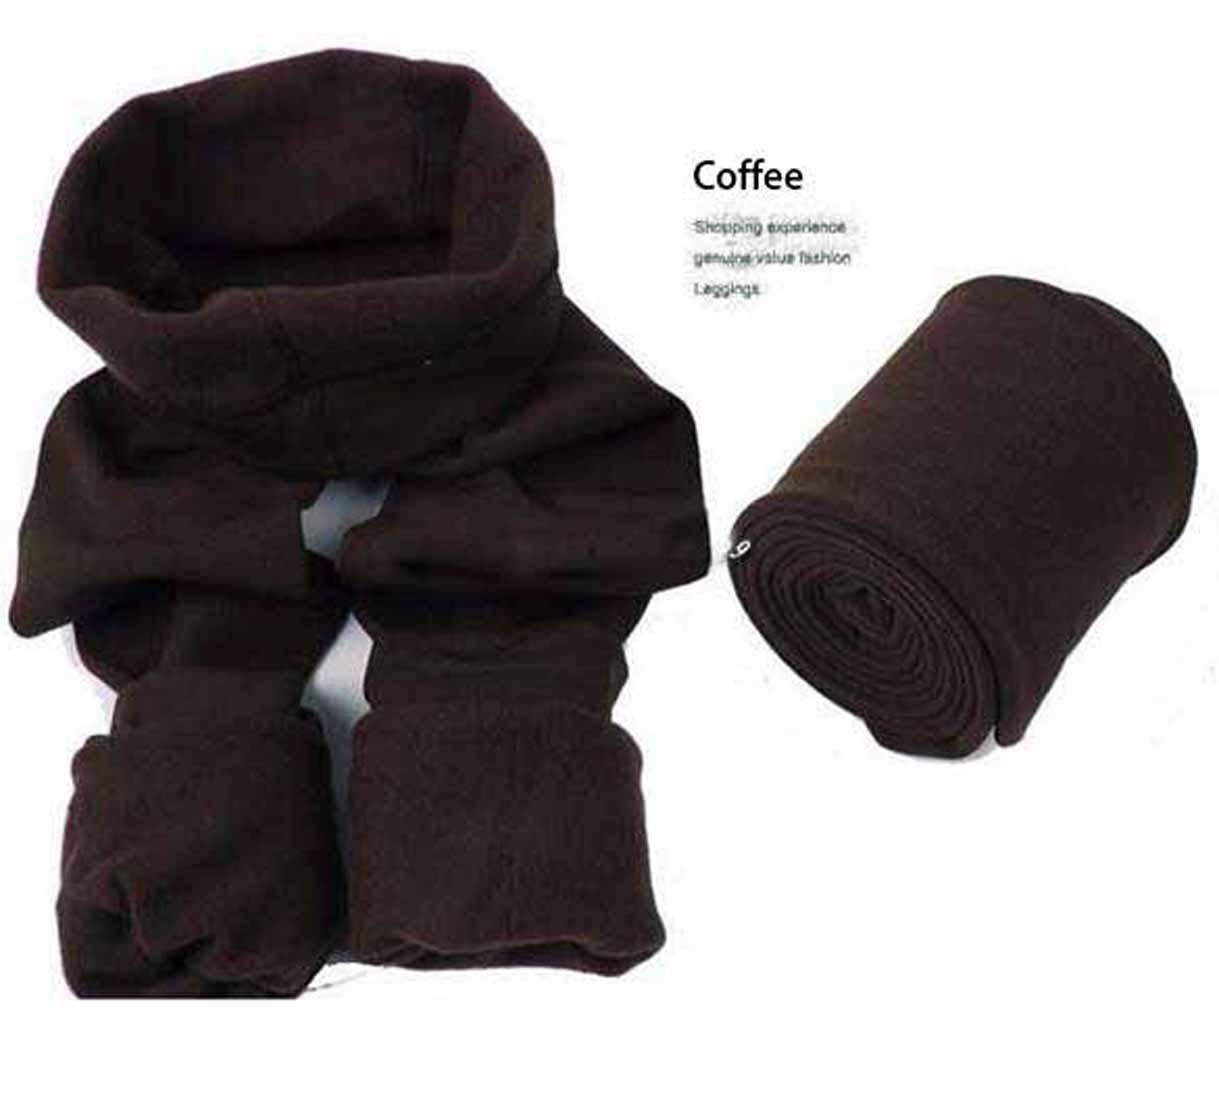 เลกกิ้งกันหนาว ลองจอนขายาวผู้หญิงผสมผ้าวูลใส่เพิ่มความอบอุ่นแฟชั่นเกาหลี นำเข้า ฟรีไซส์ สีน้ำตาล - พร้อมส่งTJ7493 ราคา590บาท